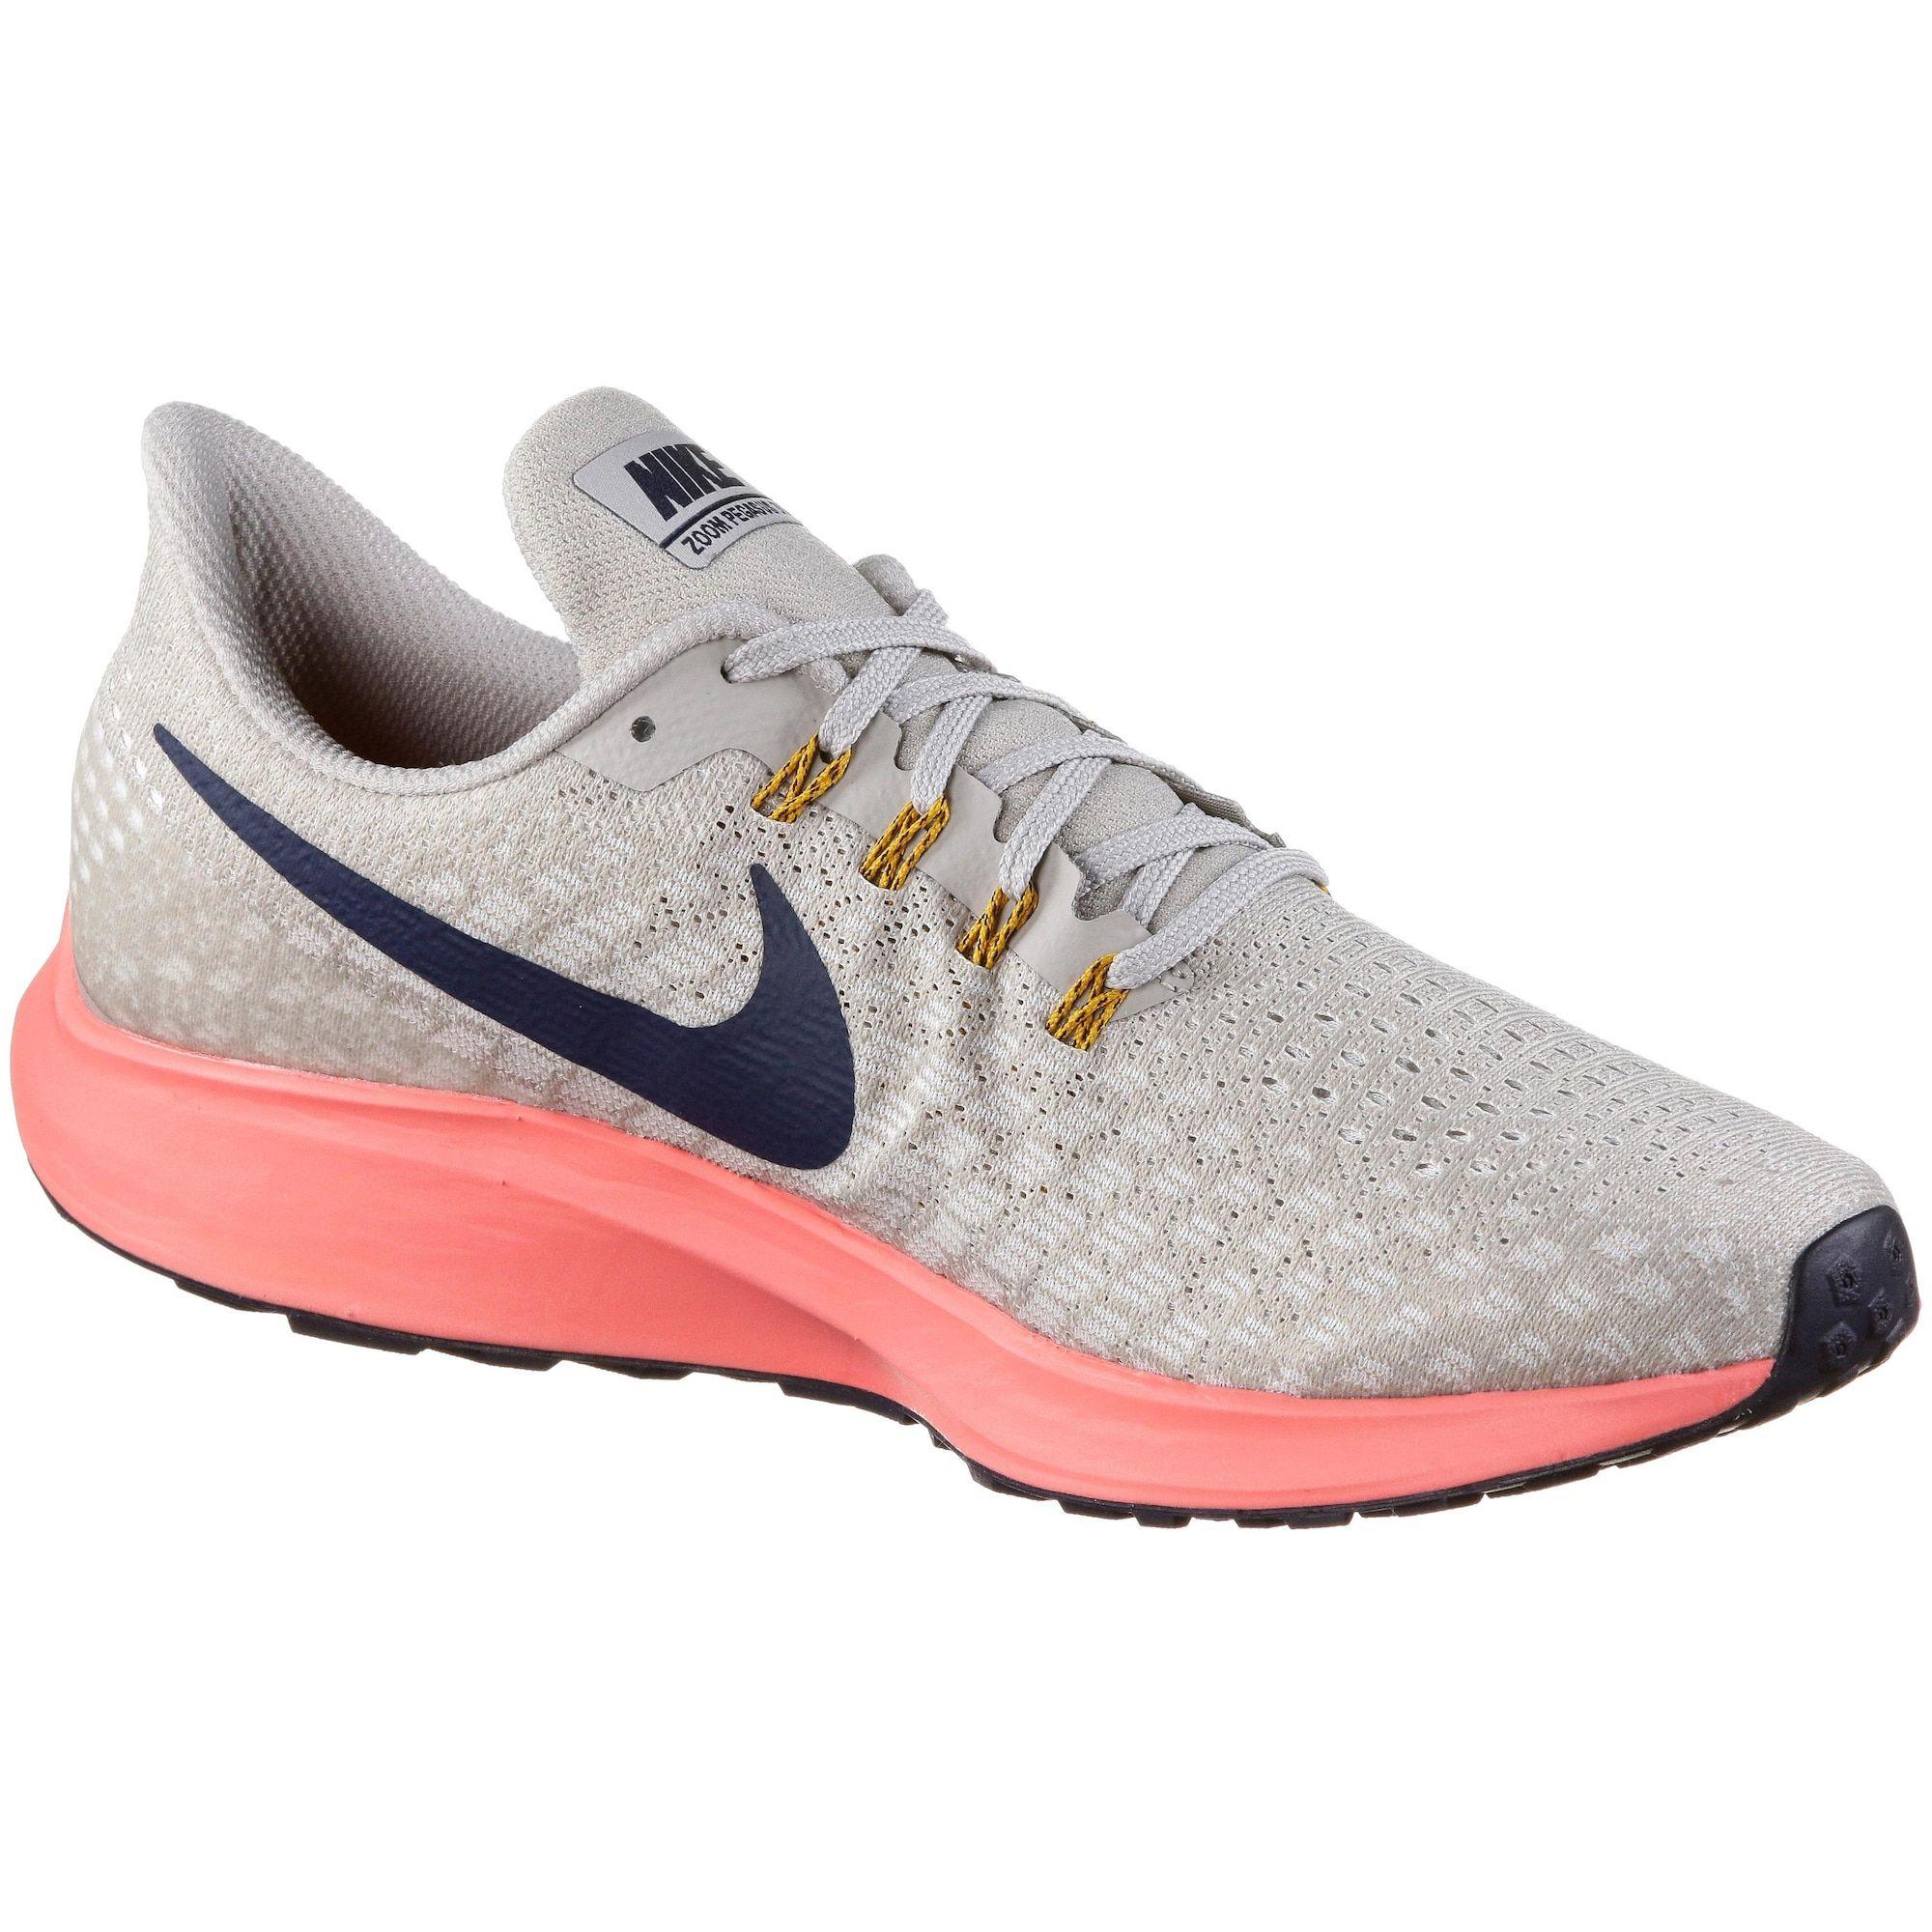 Nike Laufschuhe Air Zoom Pegasus 35 Herren Grau Neonpink Grosse 42 Laufschuhe Nike Schuhe